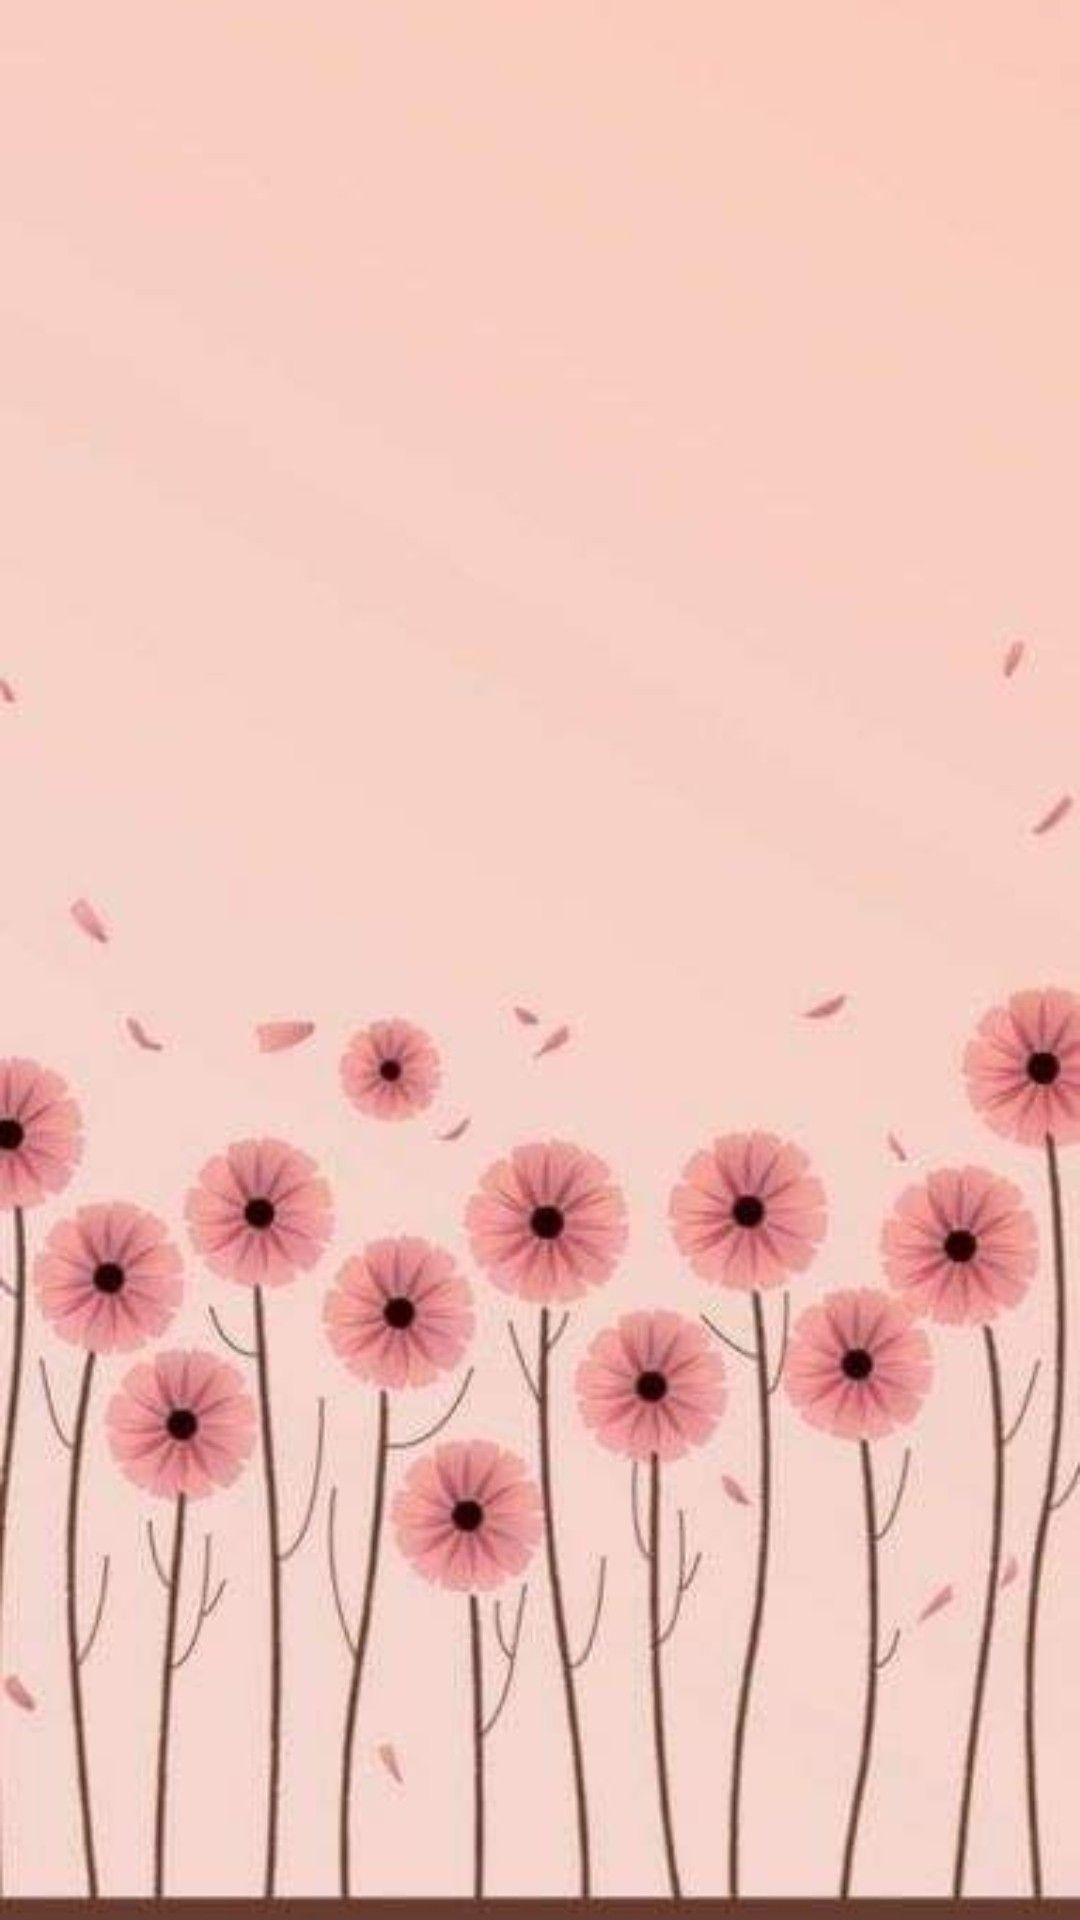 Pastel Pink Tumblr Iphone Wallpapers Top Free Pastel Pink Tumblr